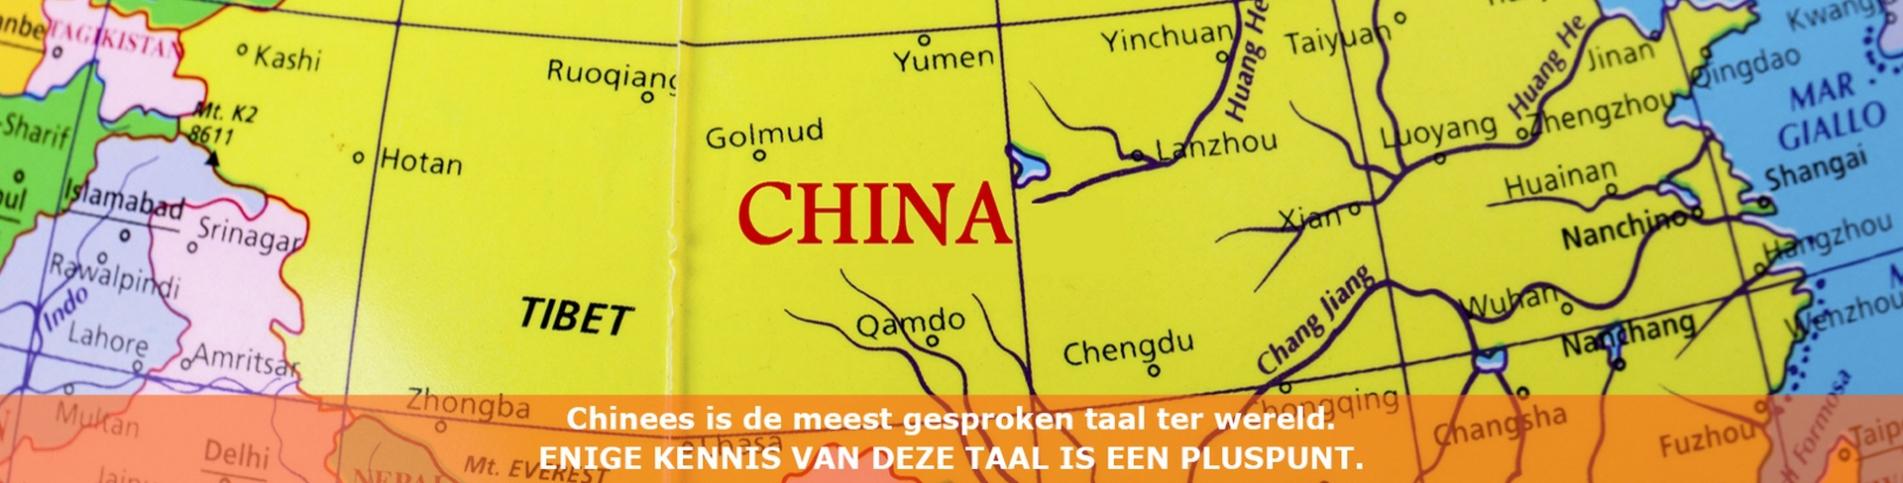 Chinees Chinese  Les Leren onderwijs cursus taal Gooi Vecht Eem Baarn Eemnes Laren Weesp